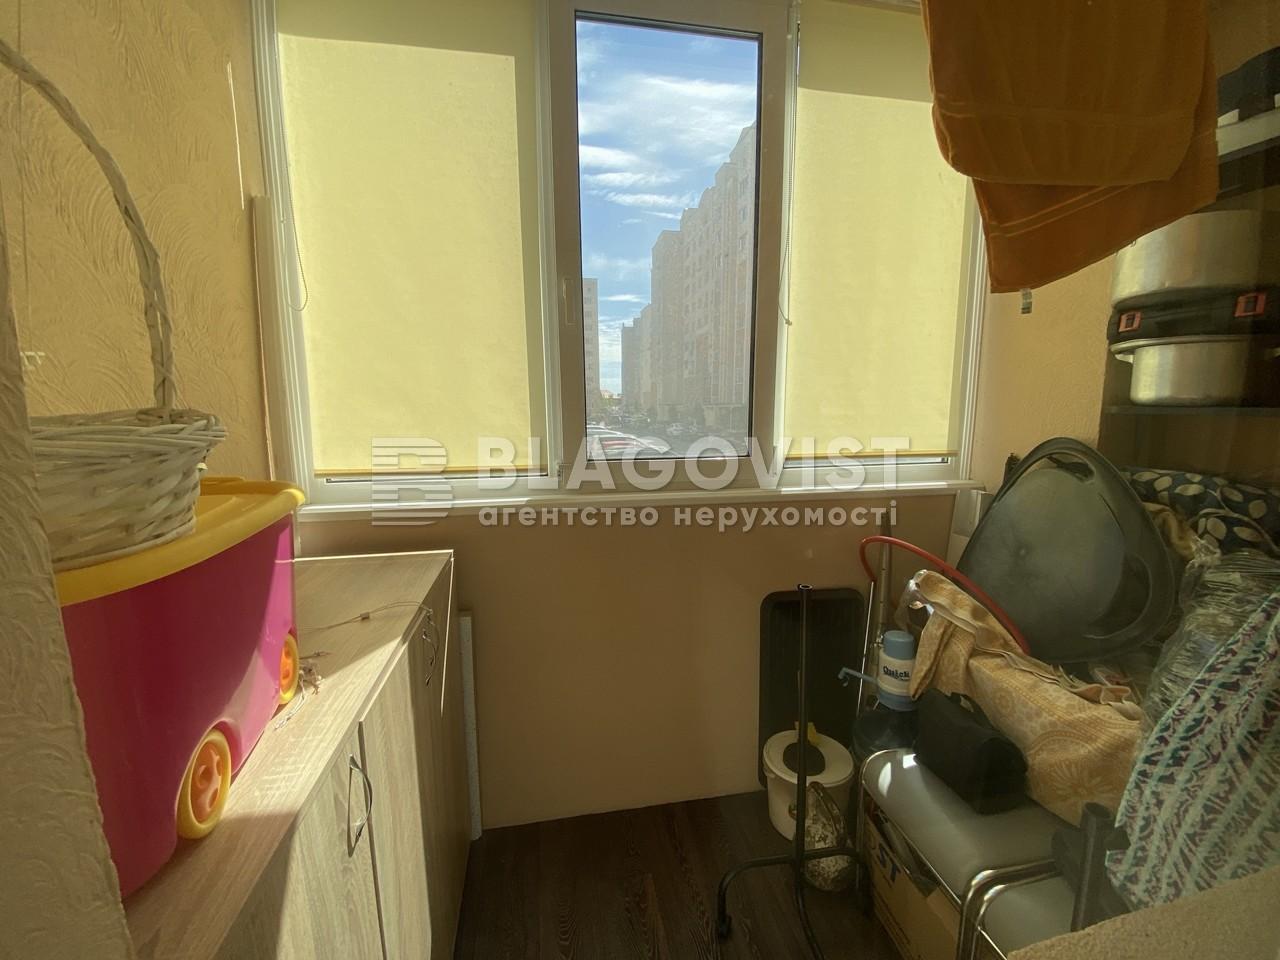 Квартира R-39092, Павла Чубинского, 2, Софиевская Борщаговка - Фото 9